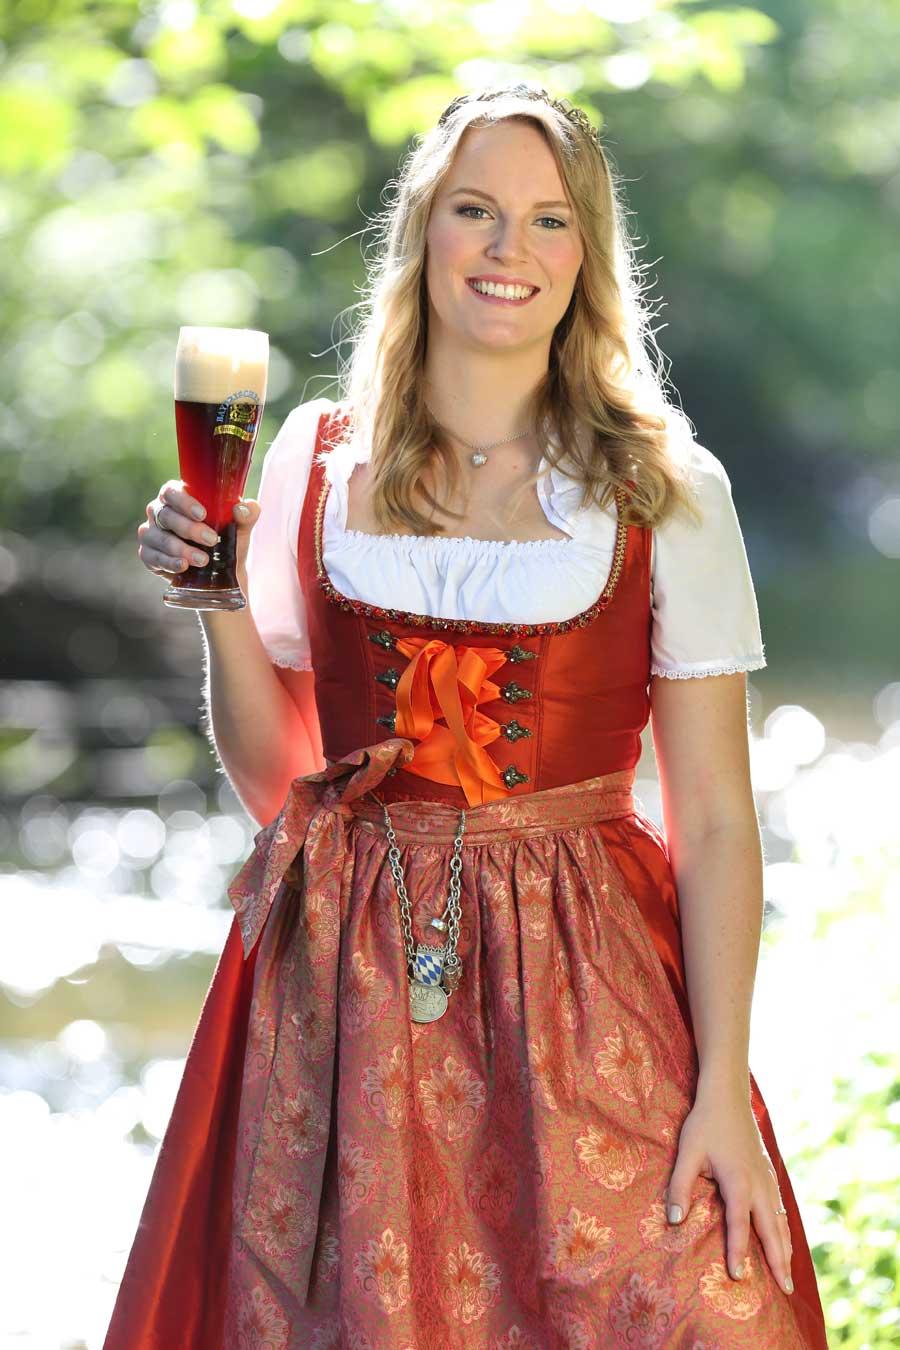 Bayerische bierkoenigin 2015 2016 marlene speck for Bayerische dekoartikel